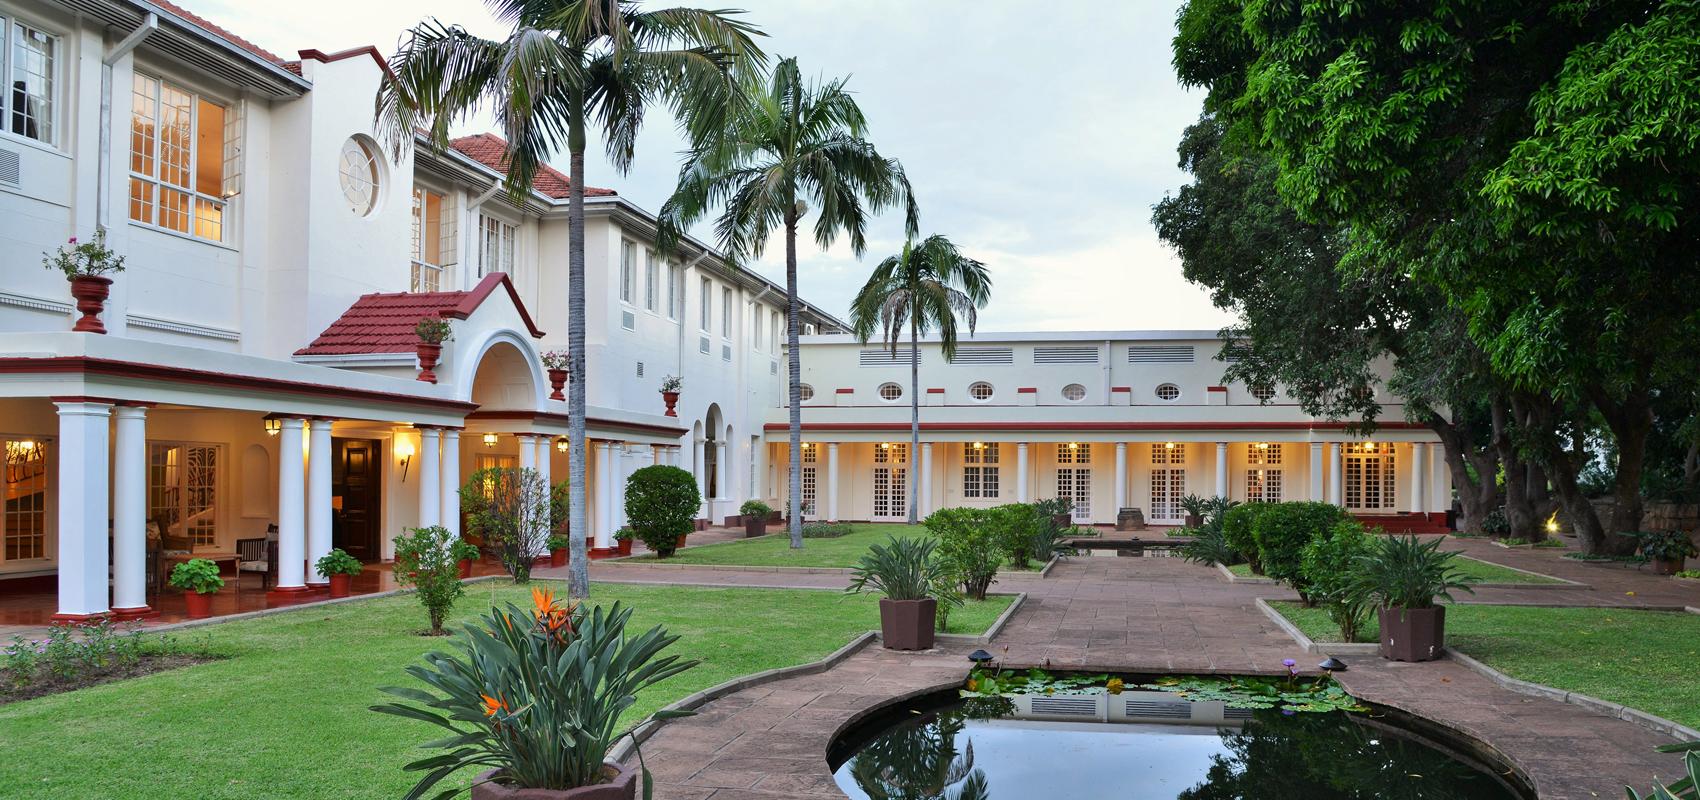 The_Victoria_Falls_Hotel